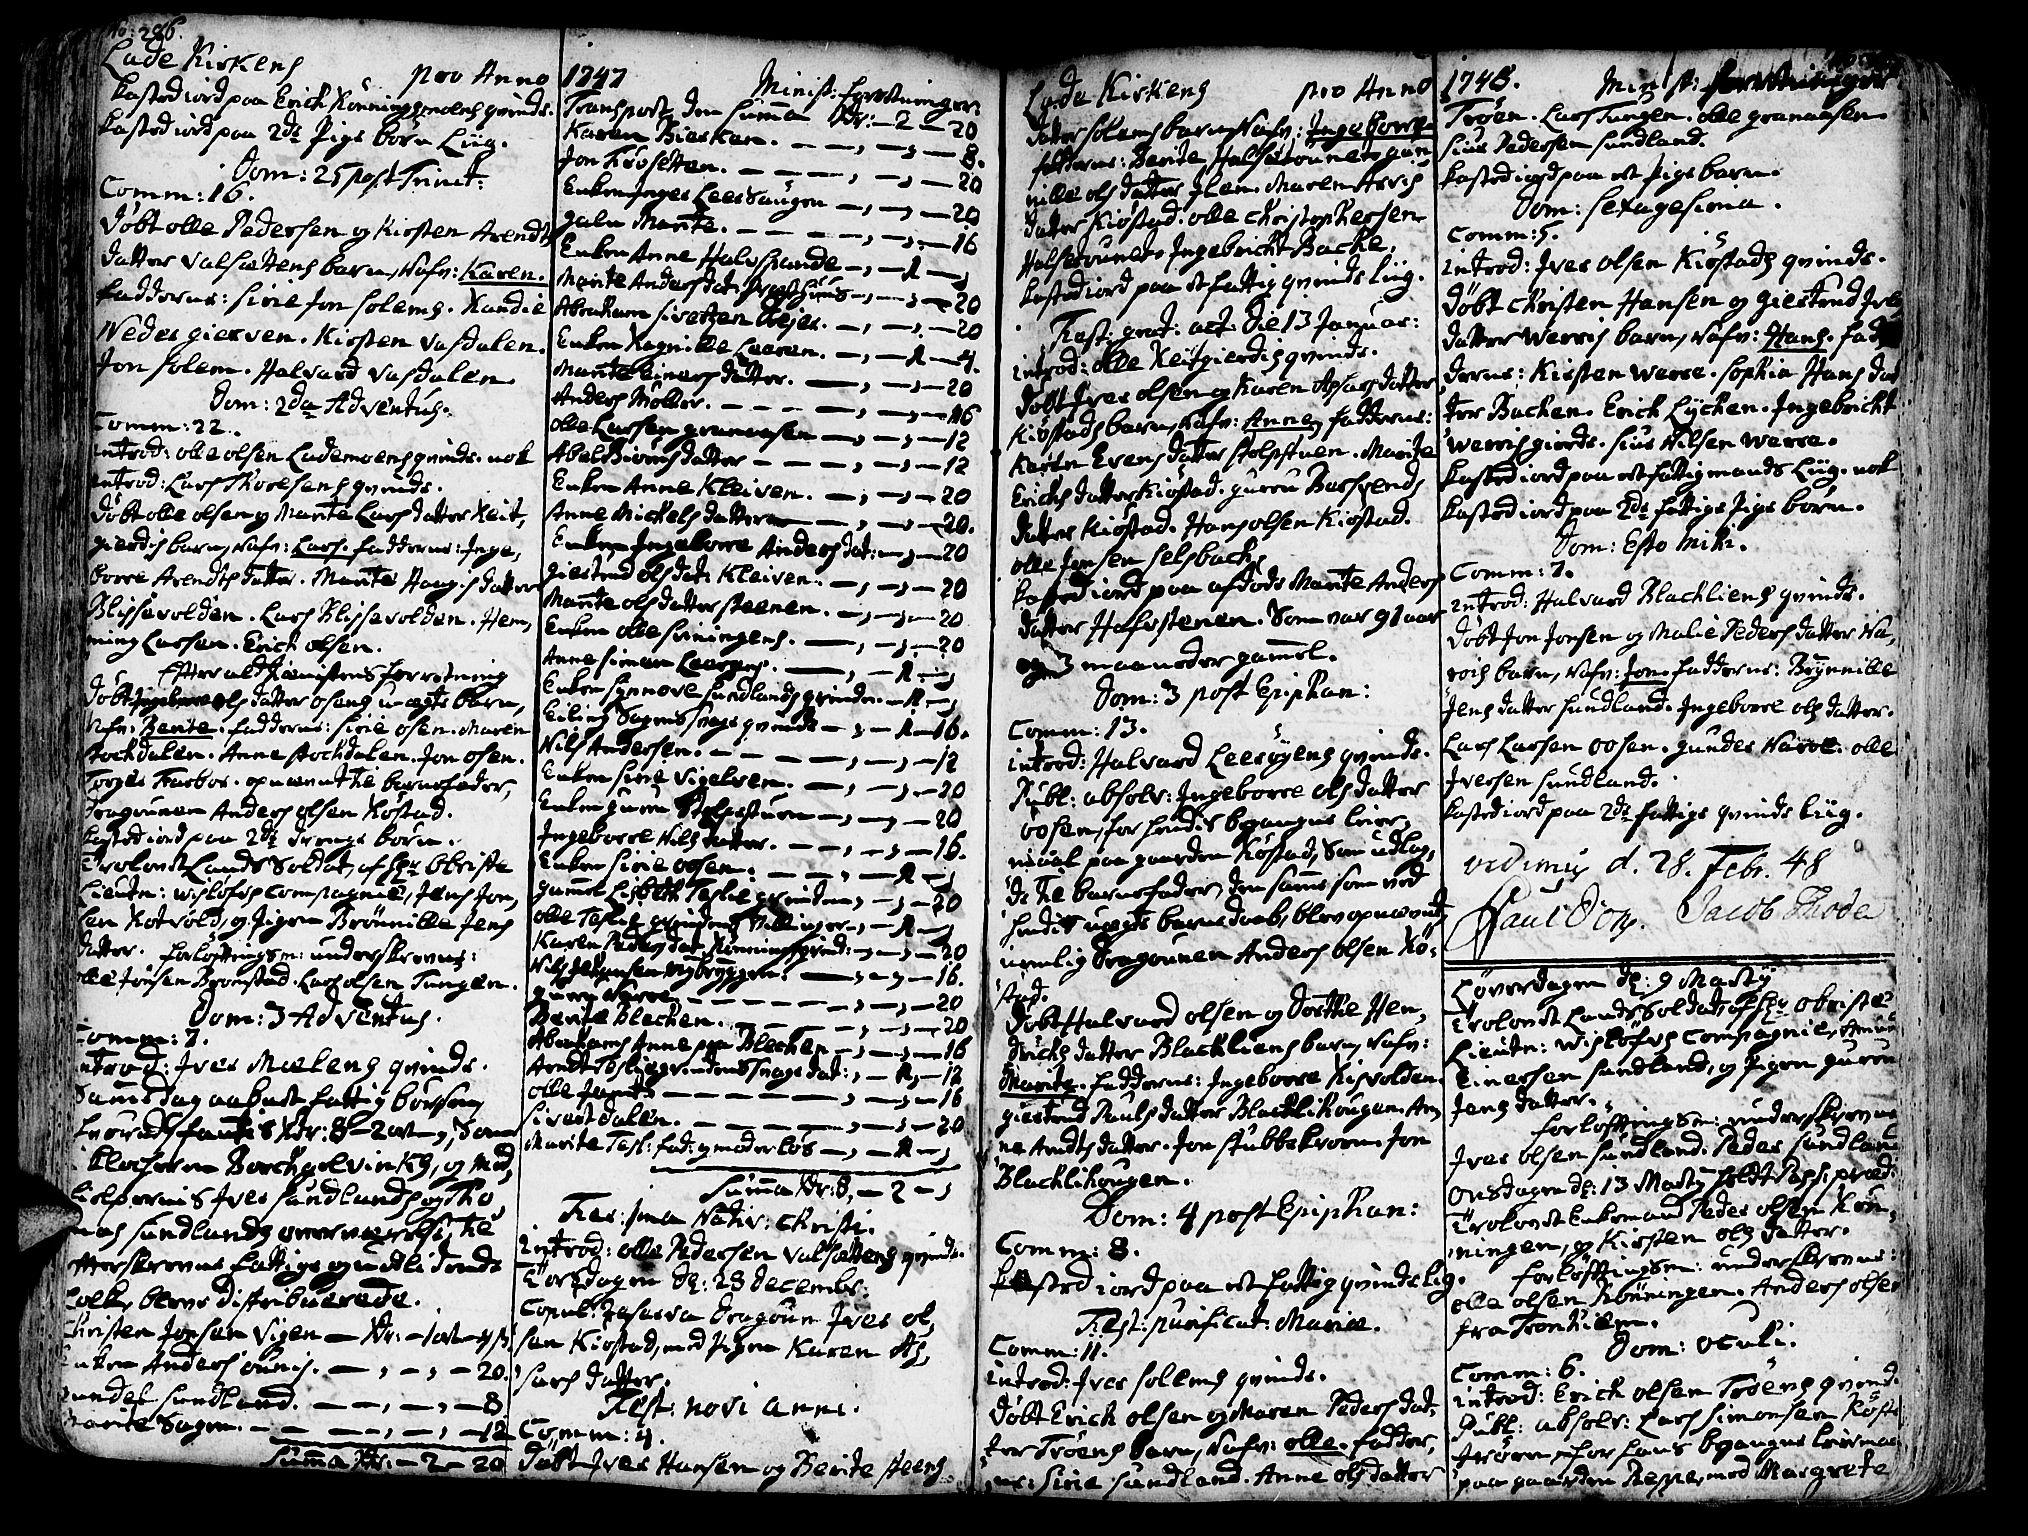 SAT, Ministerialprotokoller, klokkerbøker og fødselsregistre - Sør-Trøndelag, 606/L0275: Ministerialbok nr. 606A01 /1, 1727-1780, s. 286-287